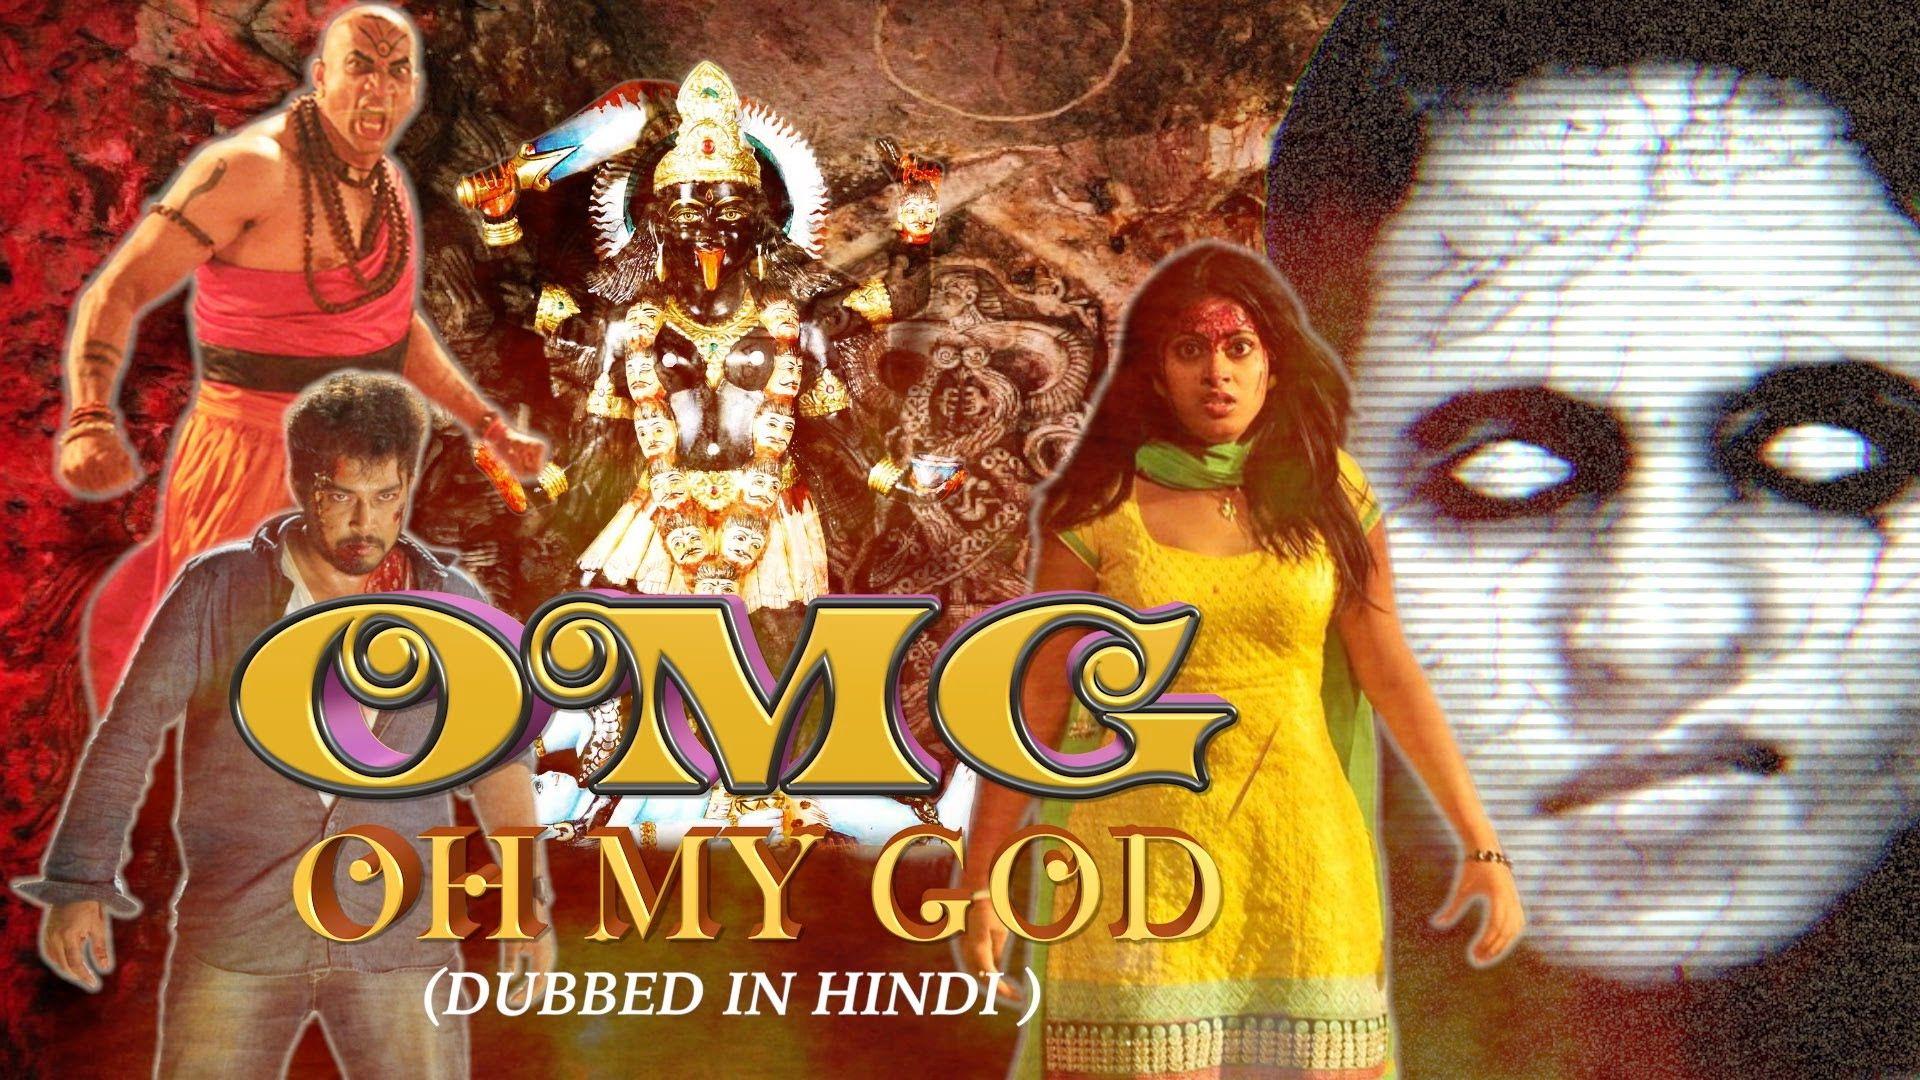 OMG! OH MY GOD (2016) Full Hindi Dubbed Movie Horror